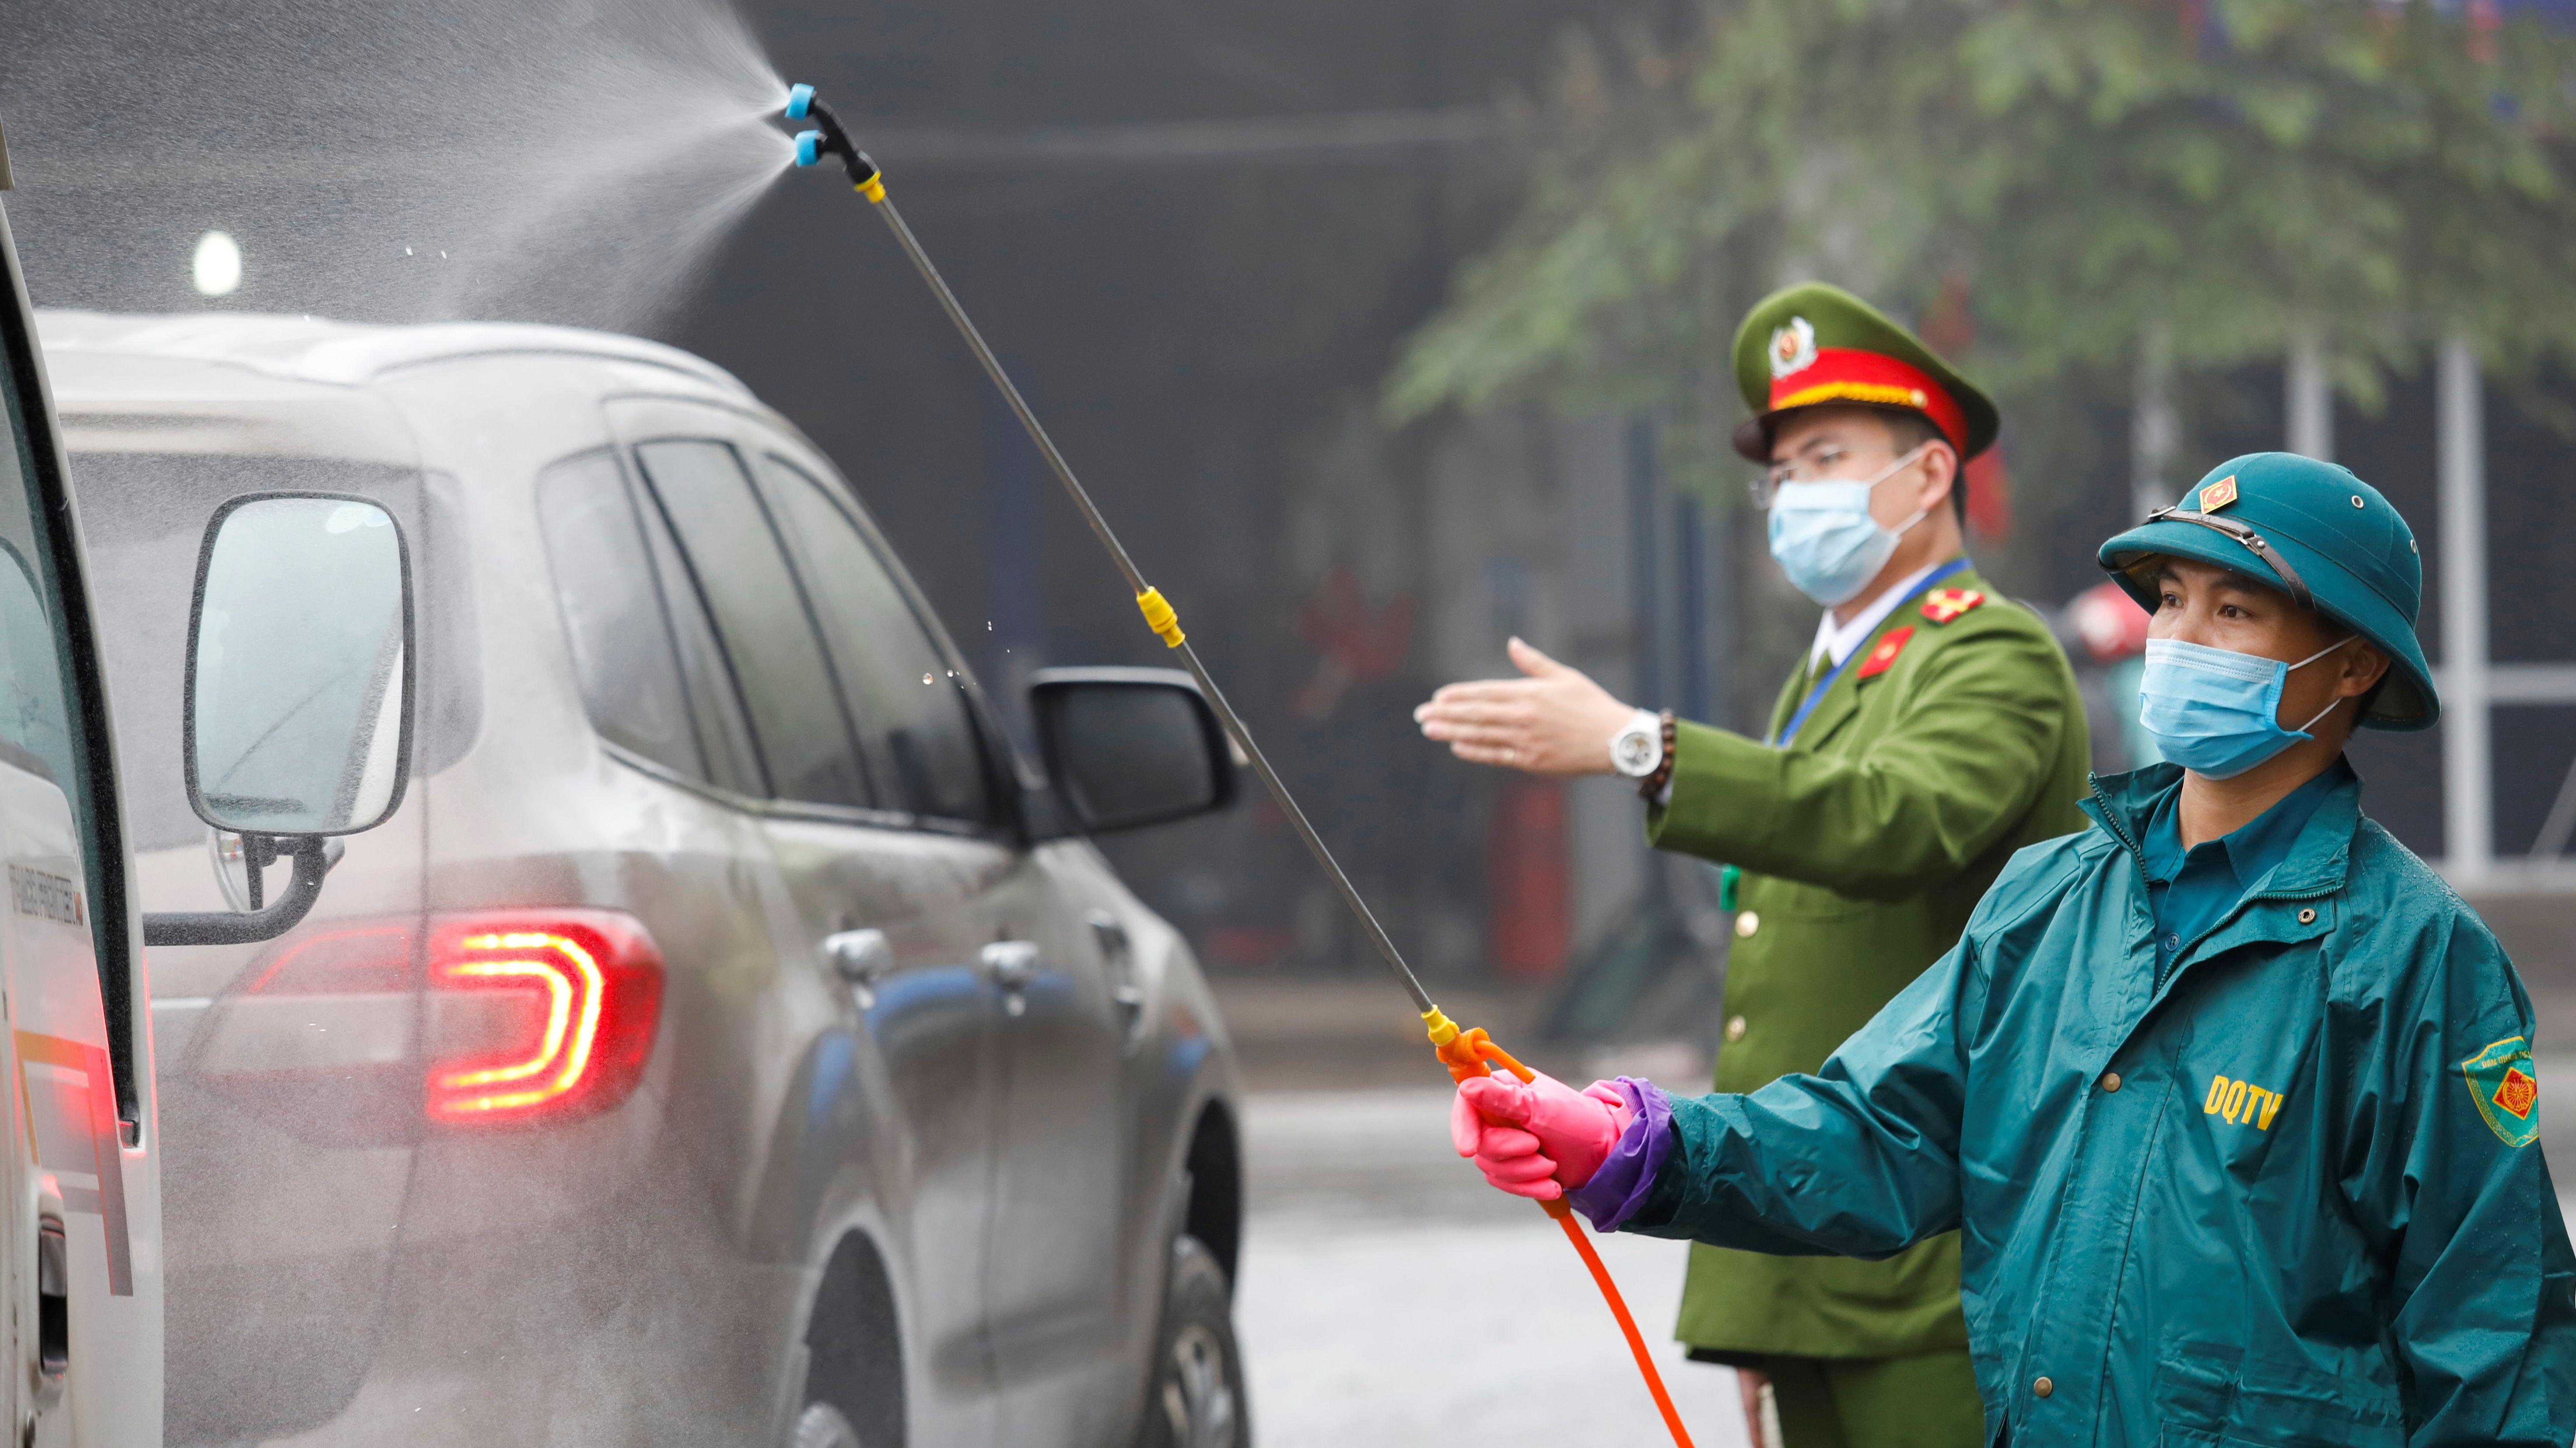 Mitarbeiter des Anti-Coronavirus-Teams in Vietnam sprühen Desinfektionsmittel auf Fahrzeuge in der Provinz Nguyen